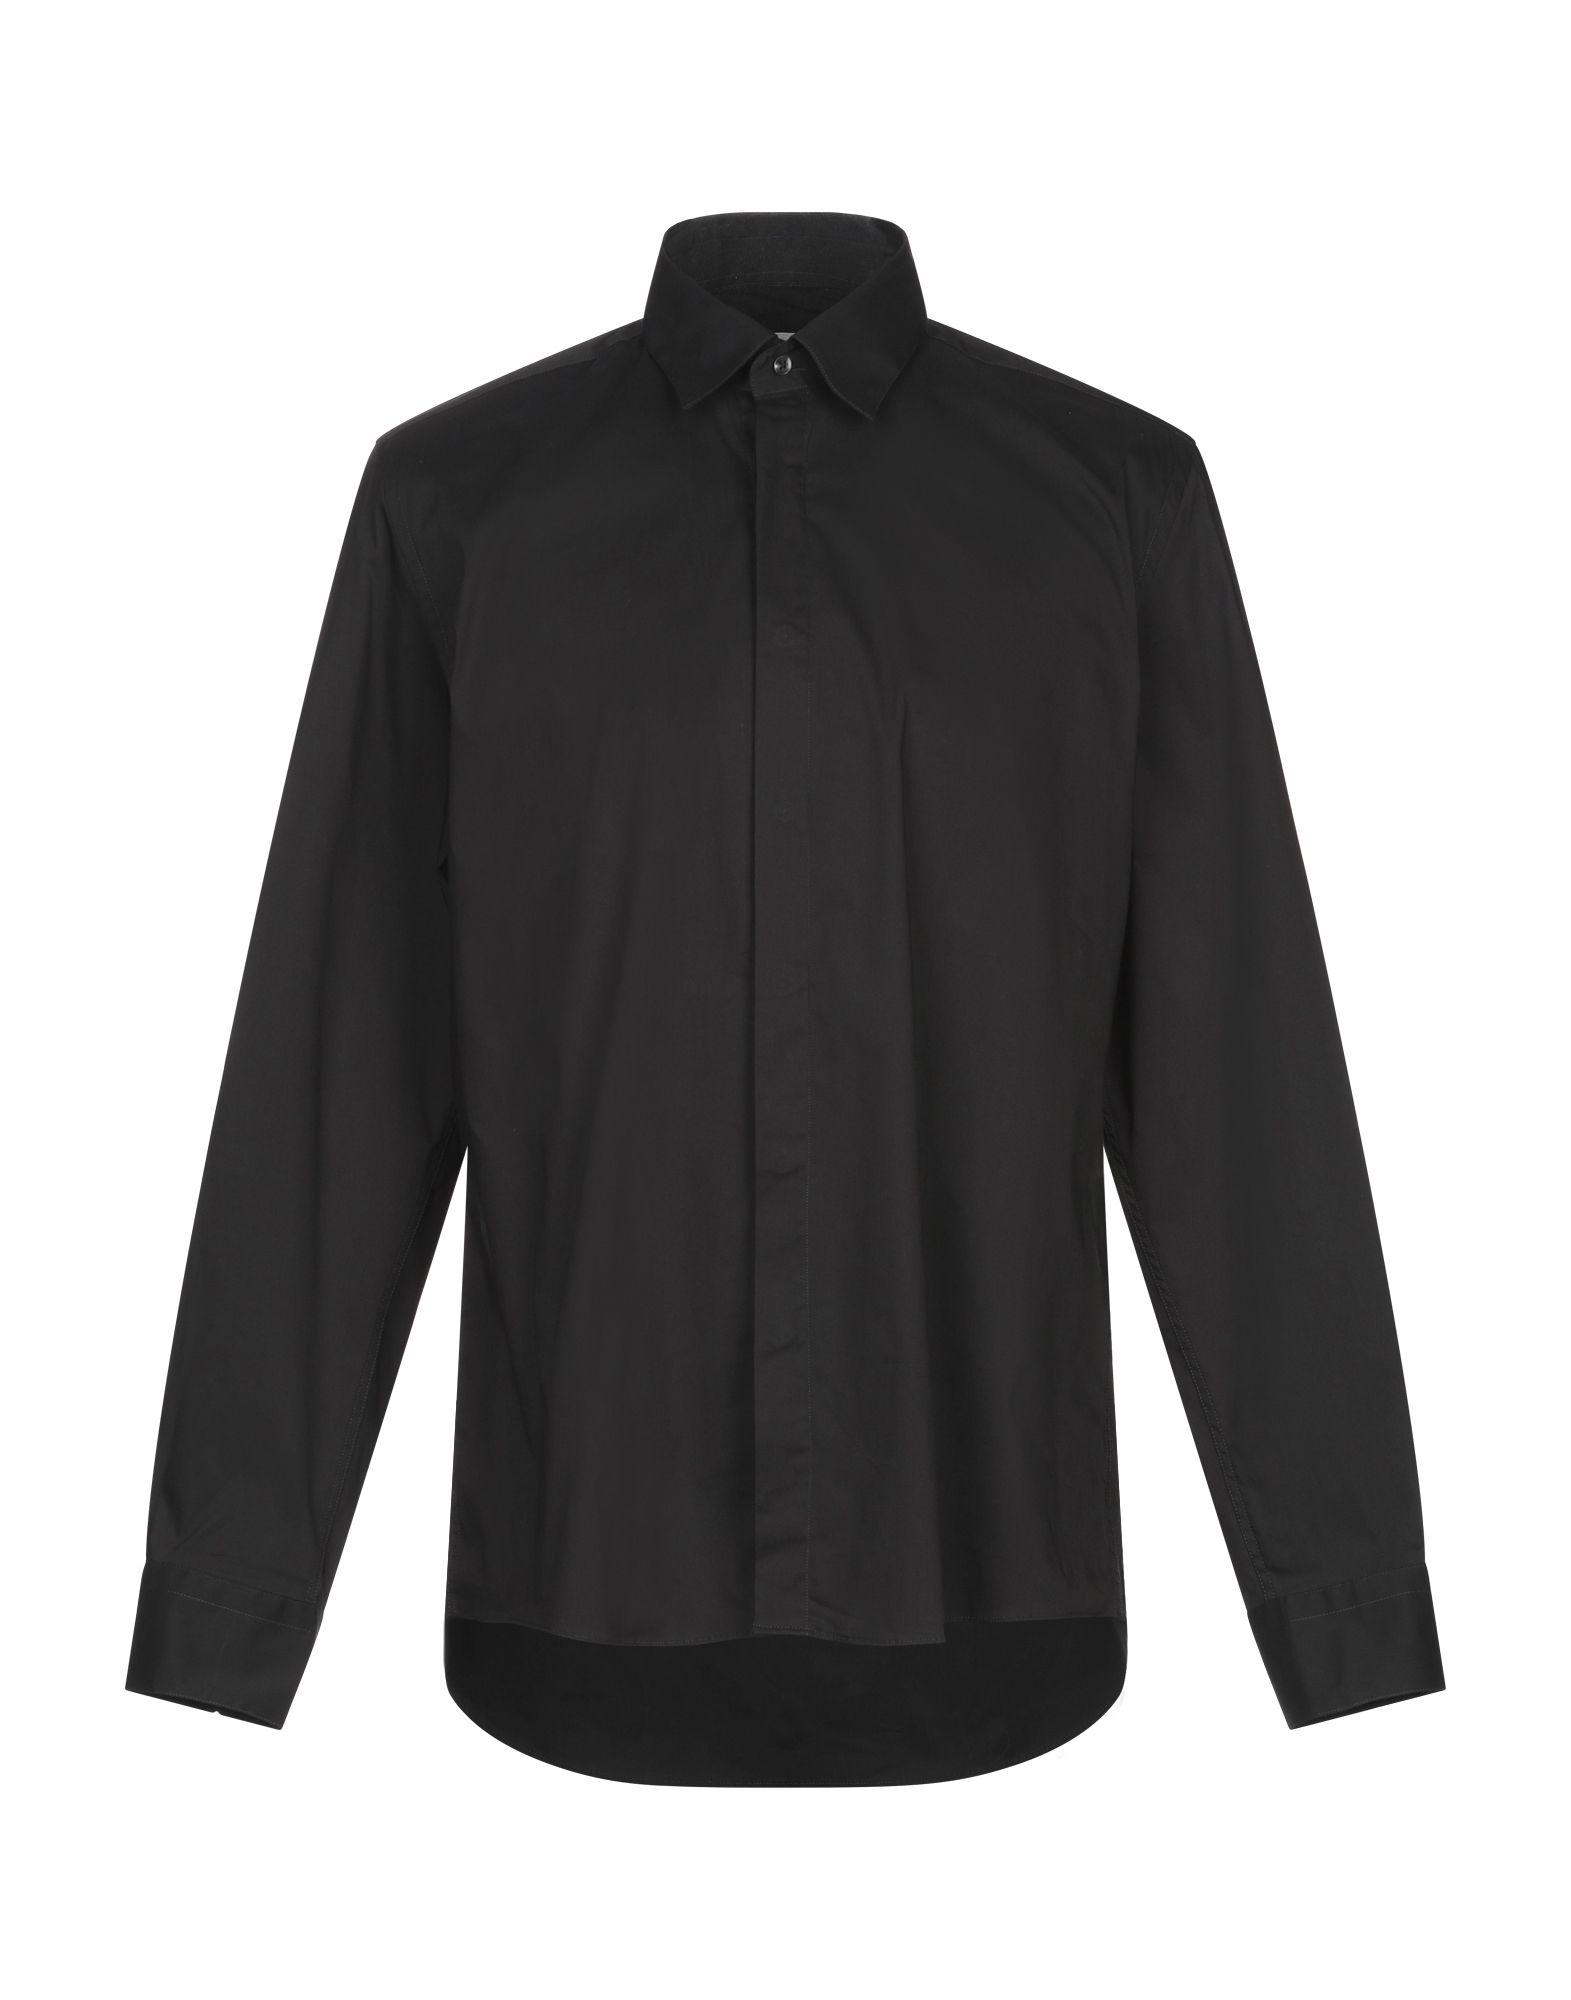 Фото - LOW BRAND Pубашка low brand пиджак